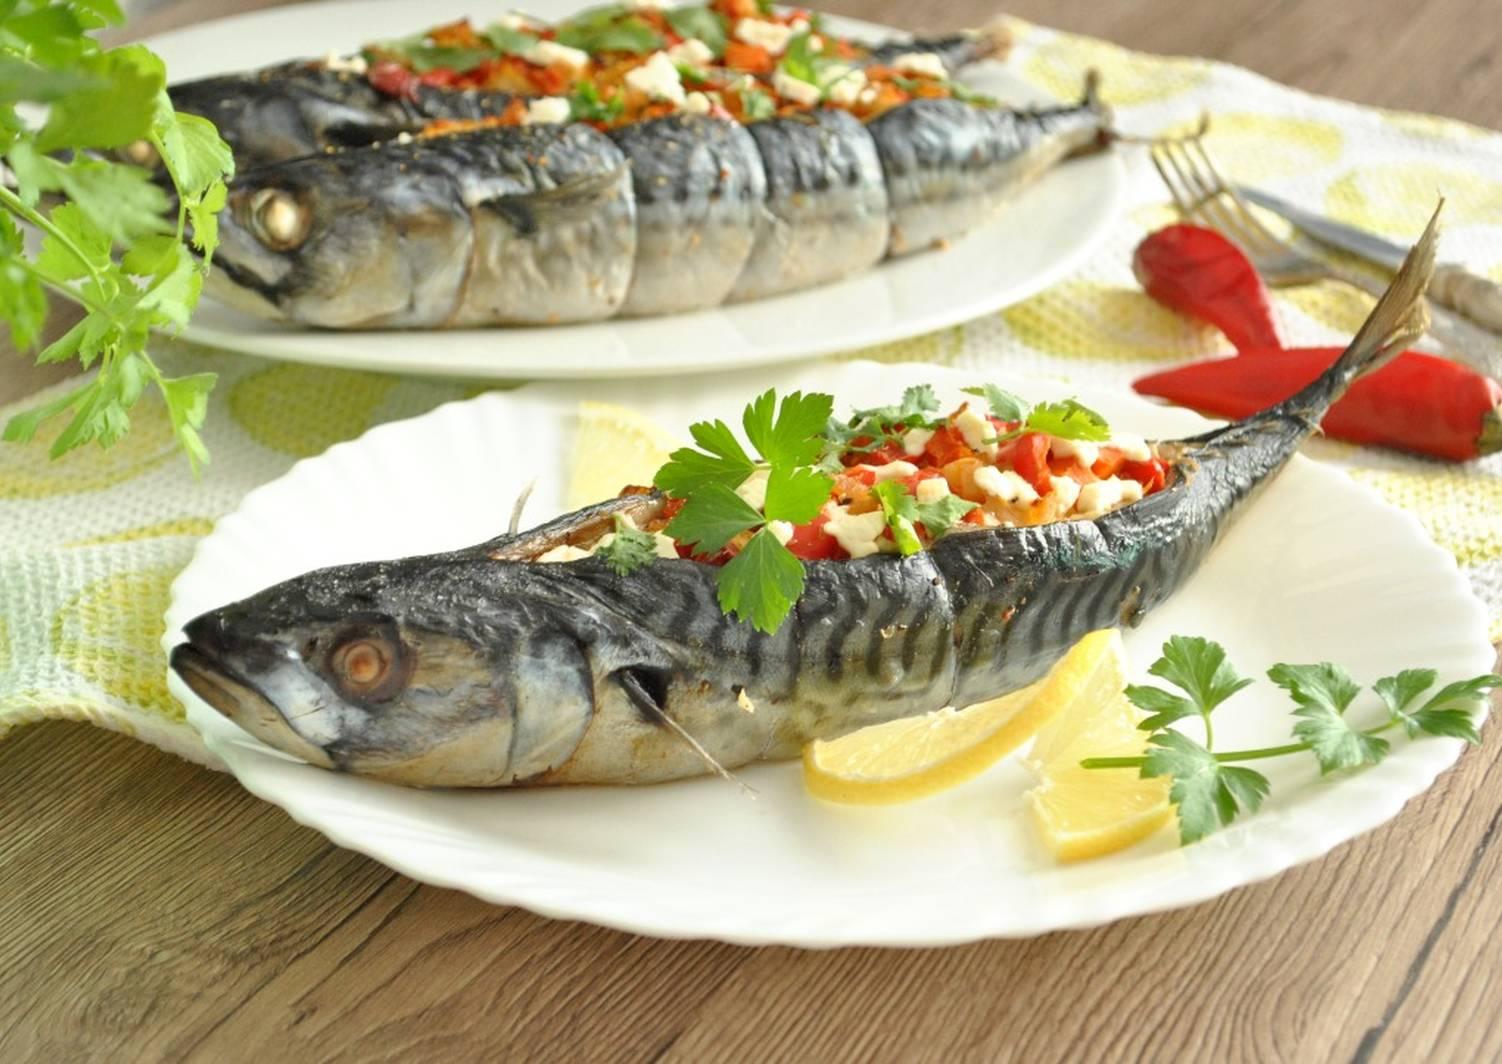 оптика биксенон рецепты из рыбы скумбрия с фото поэтому представителей субкультуры